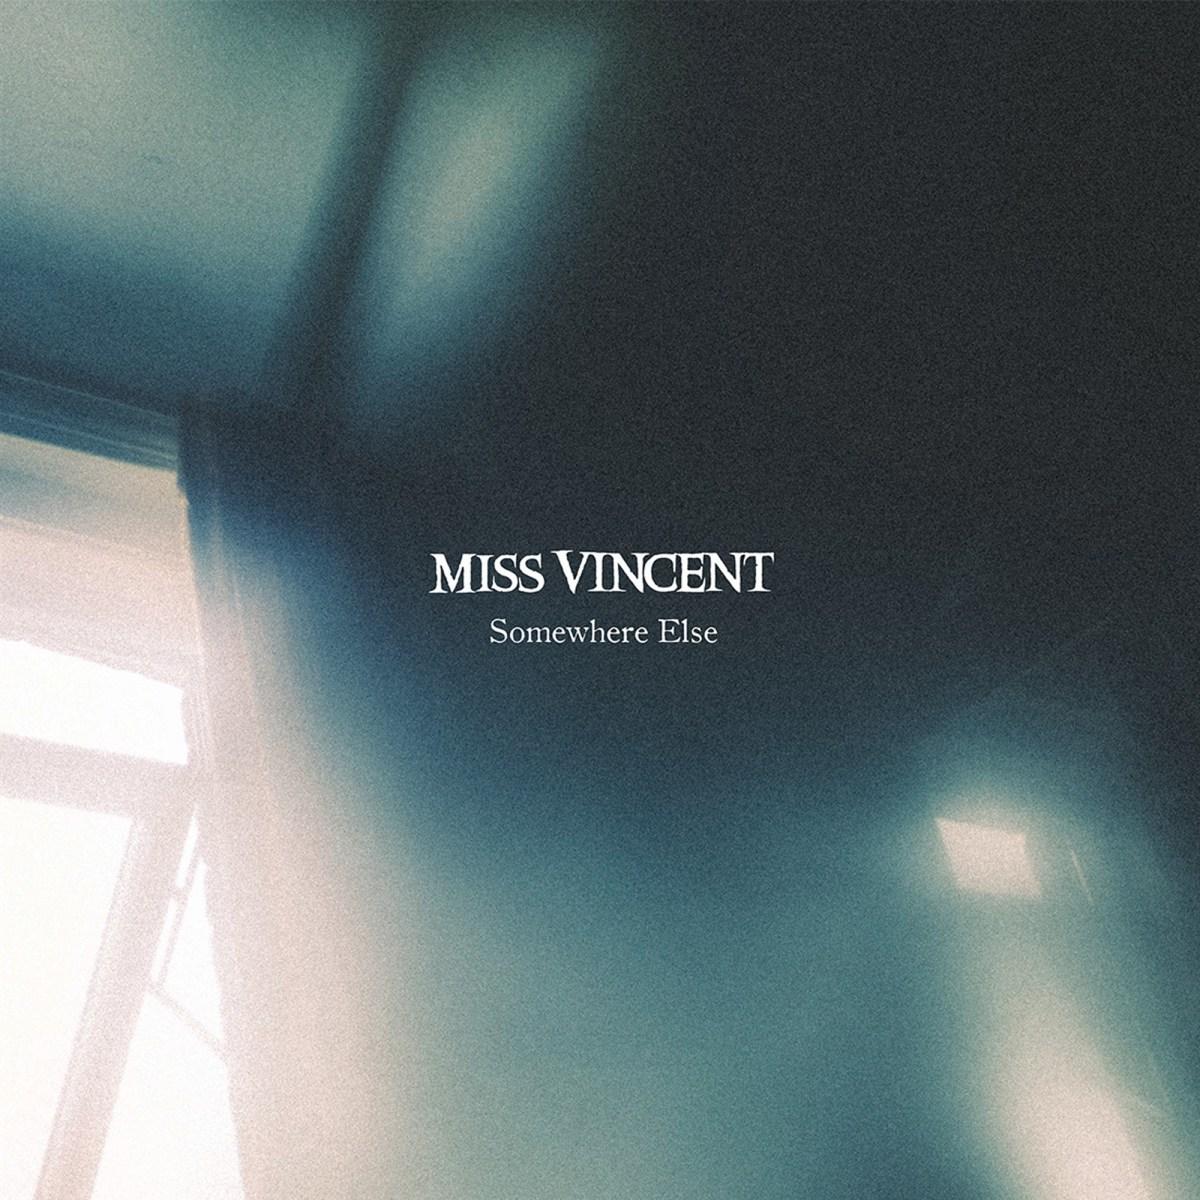 Miss Vincent - Somewhere Else Cover